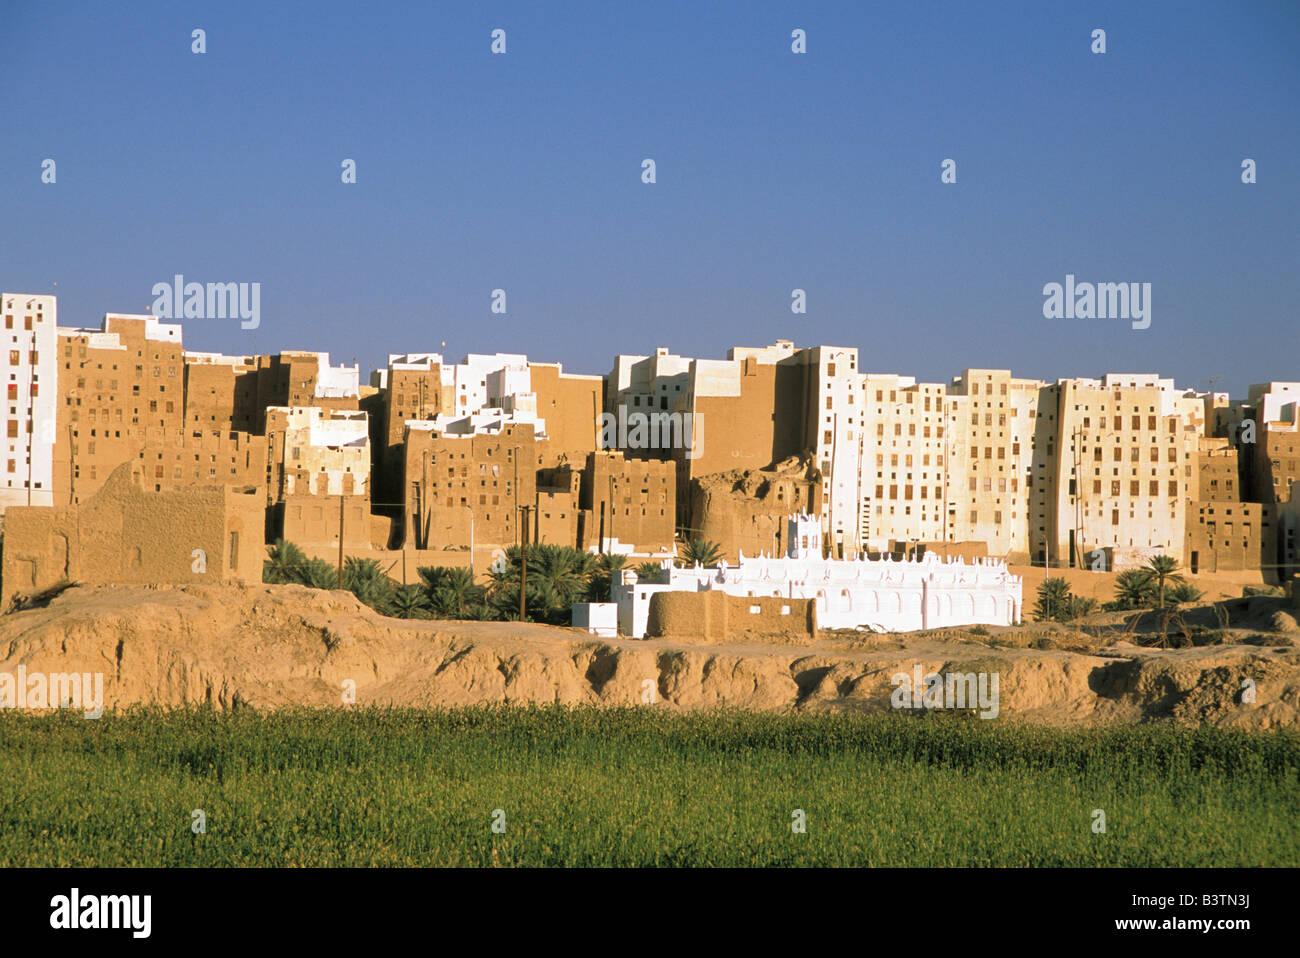 Asia, Yemen, Shibam. Manhattan of desert - Stock Image